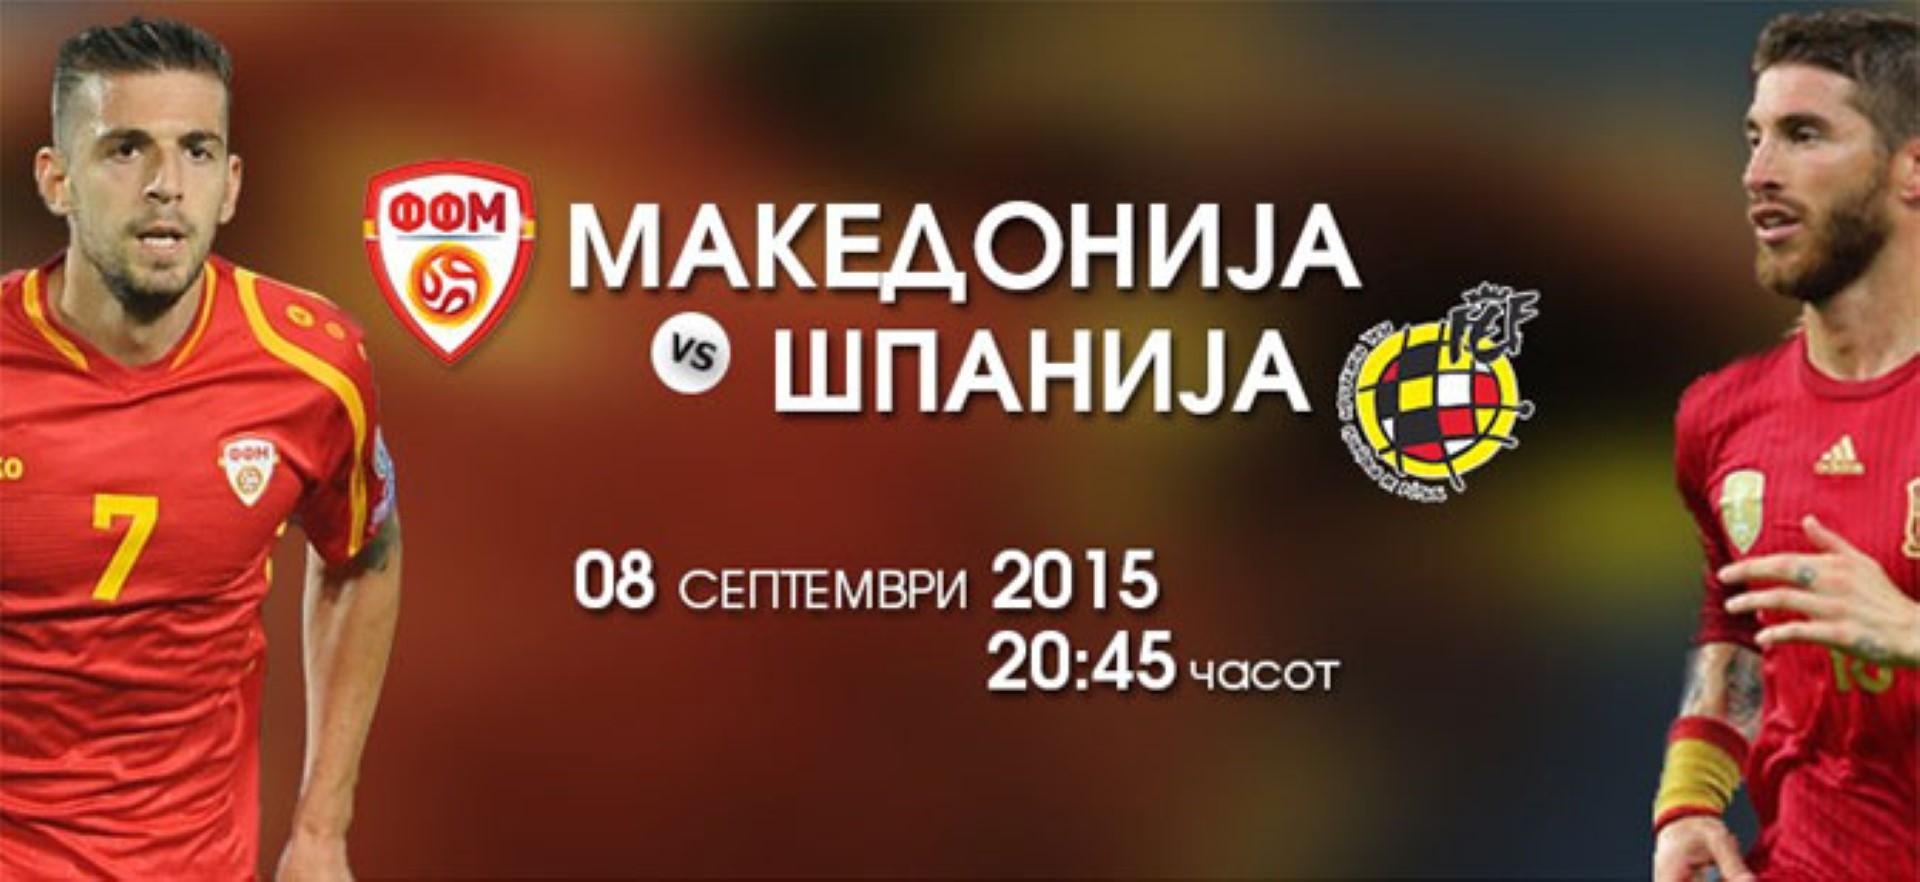 ФФМ одреди популарни цени за натпреварот Македонија - Шпанија